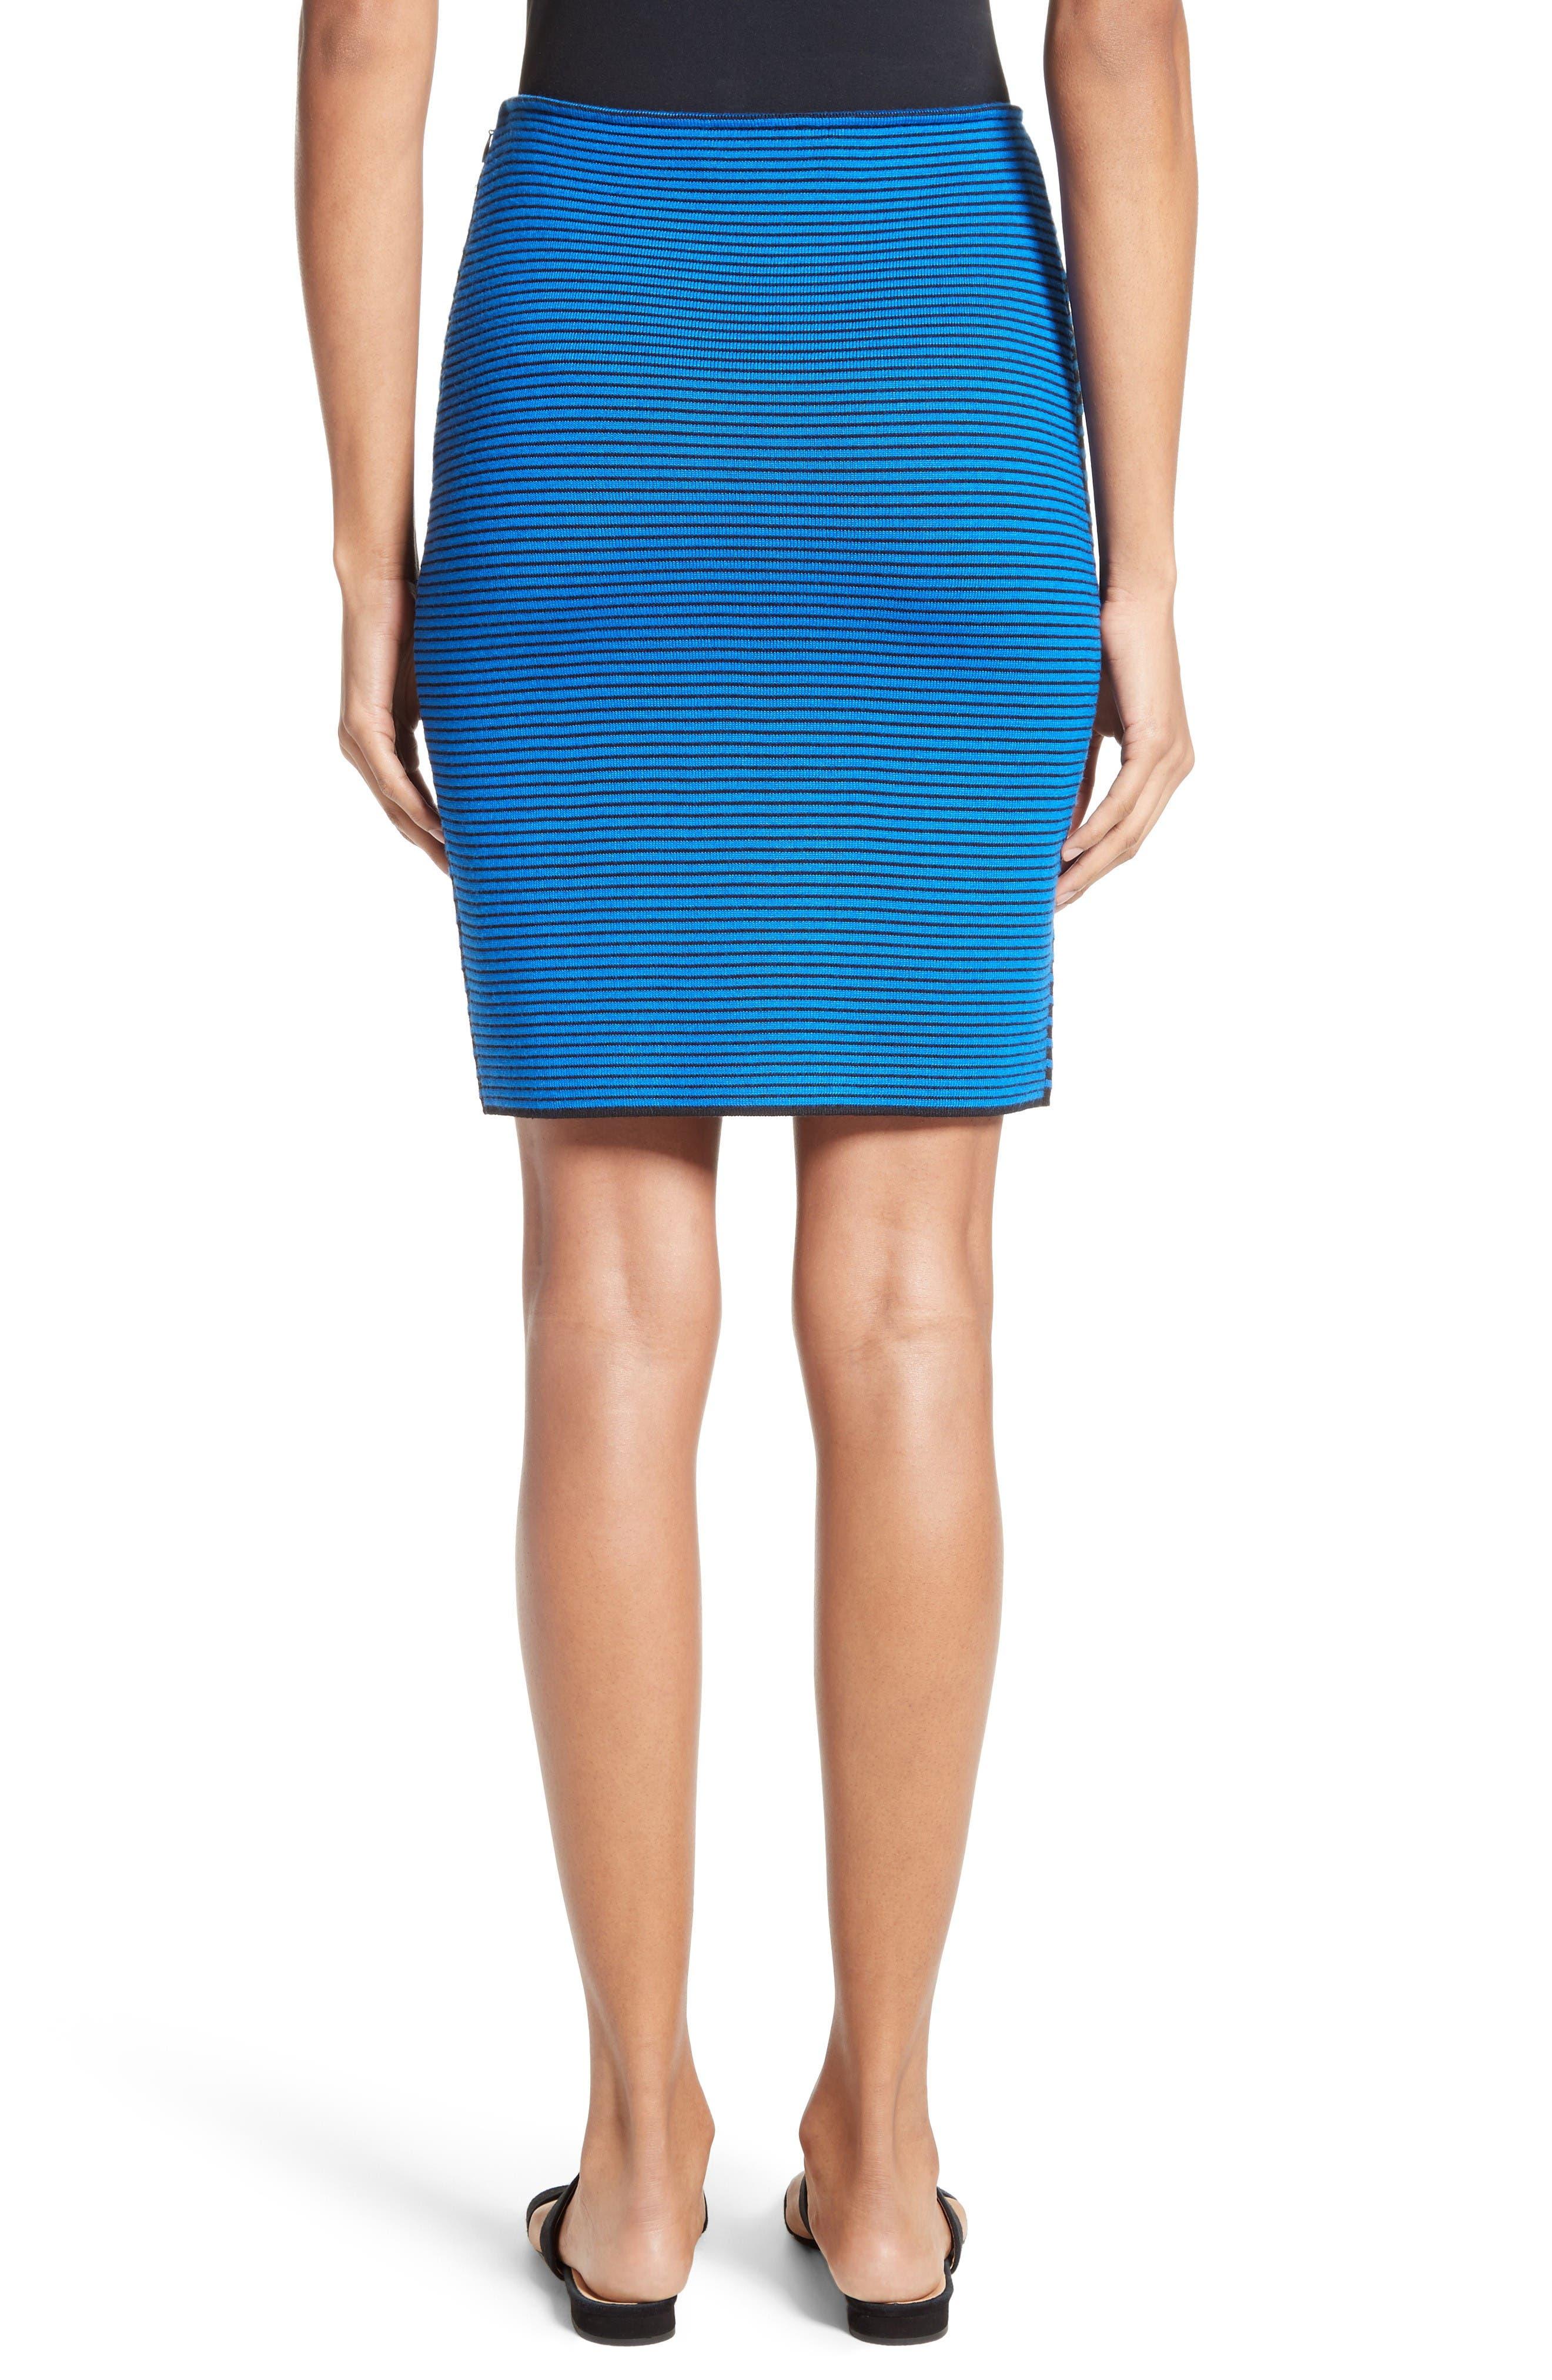 Stripe Knit Jacquard Pencil Skirt,                             Alternate thumbnail 2, color,                             Caviar/ Jaya Blue